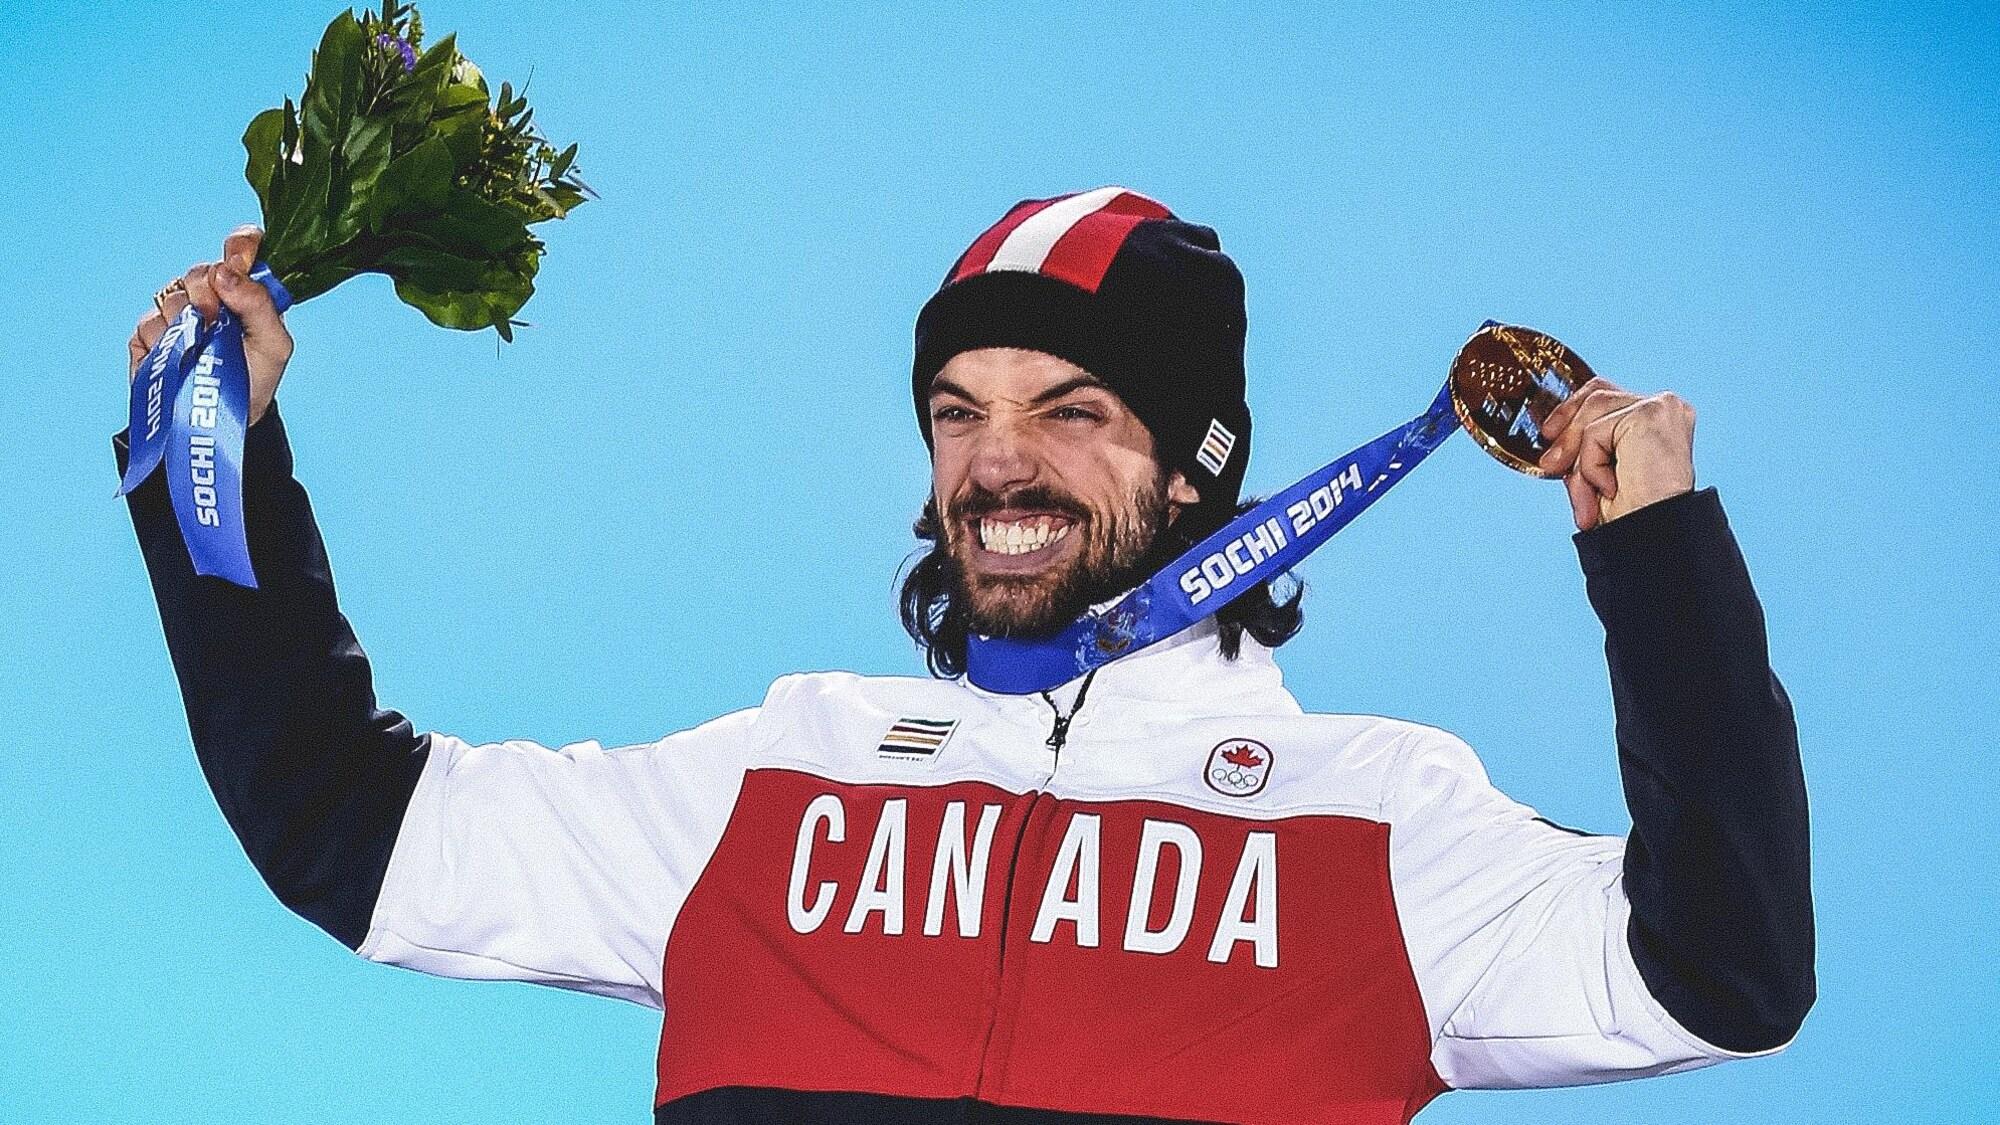 Charles Hamelin sourit à pleines dents en soulevant sa médaille.